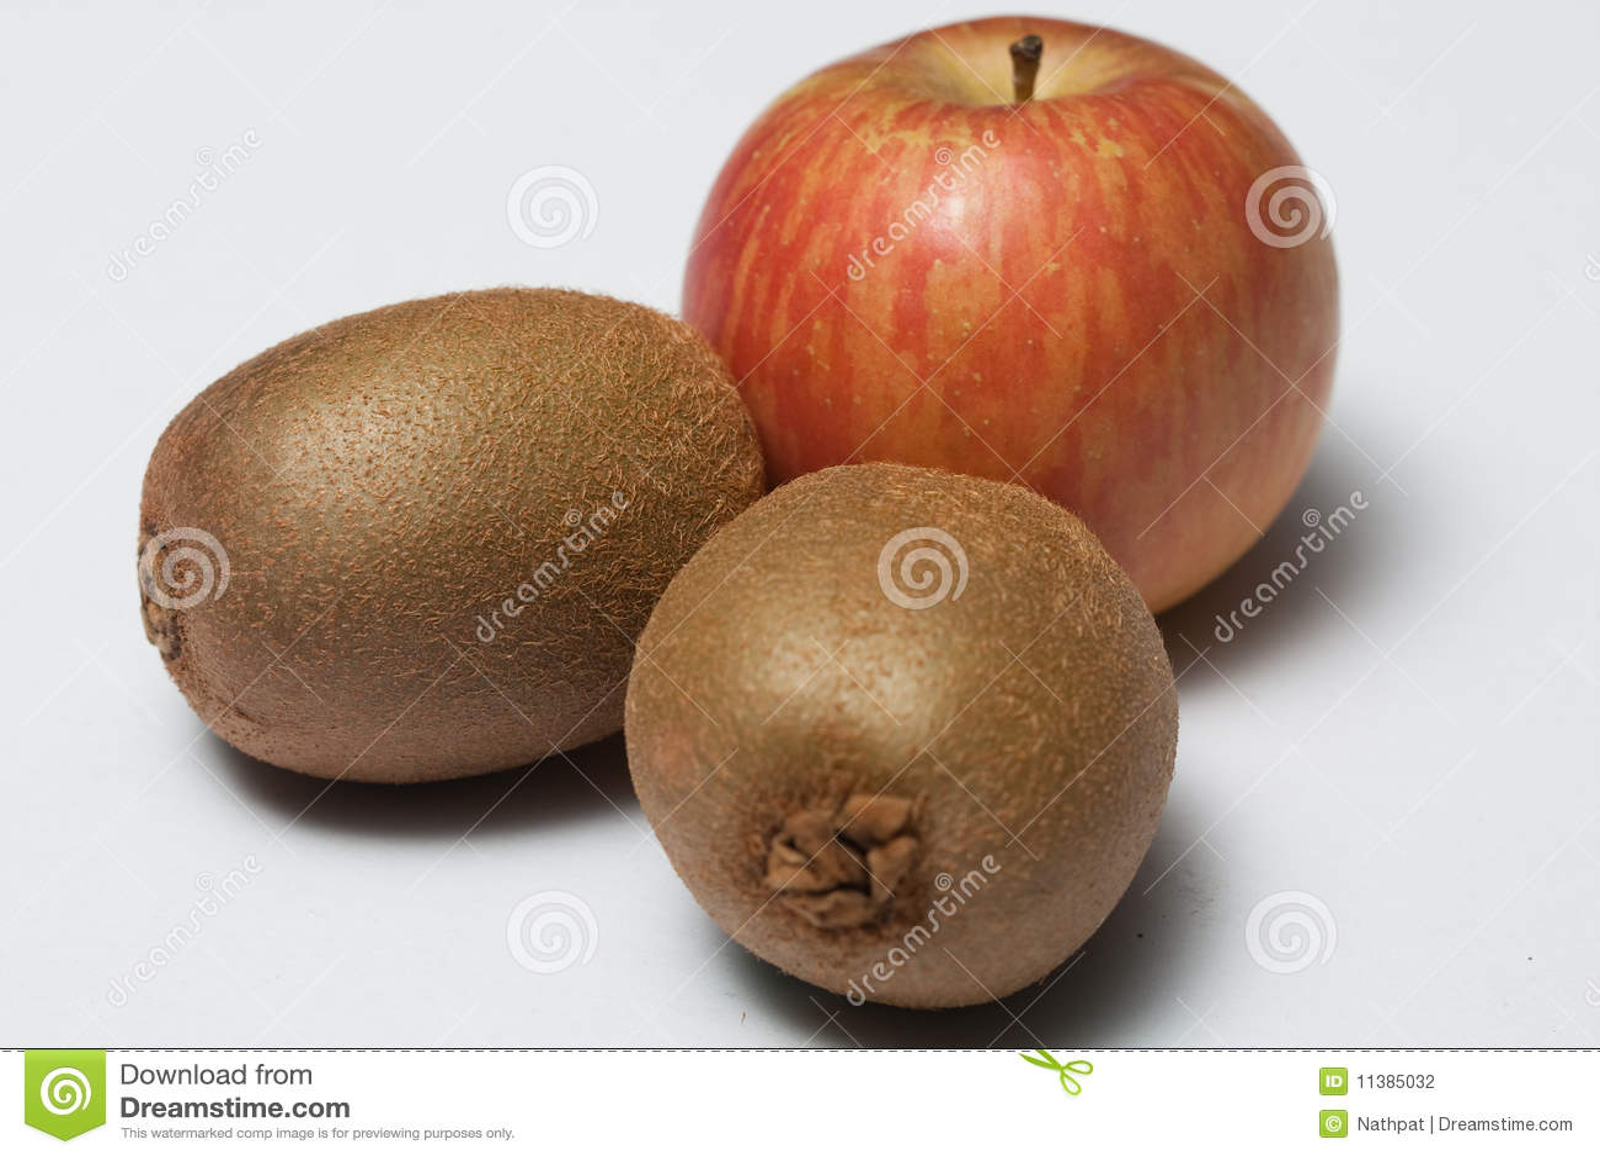 Two kiwi fruit and one Thai apple